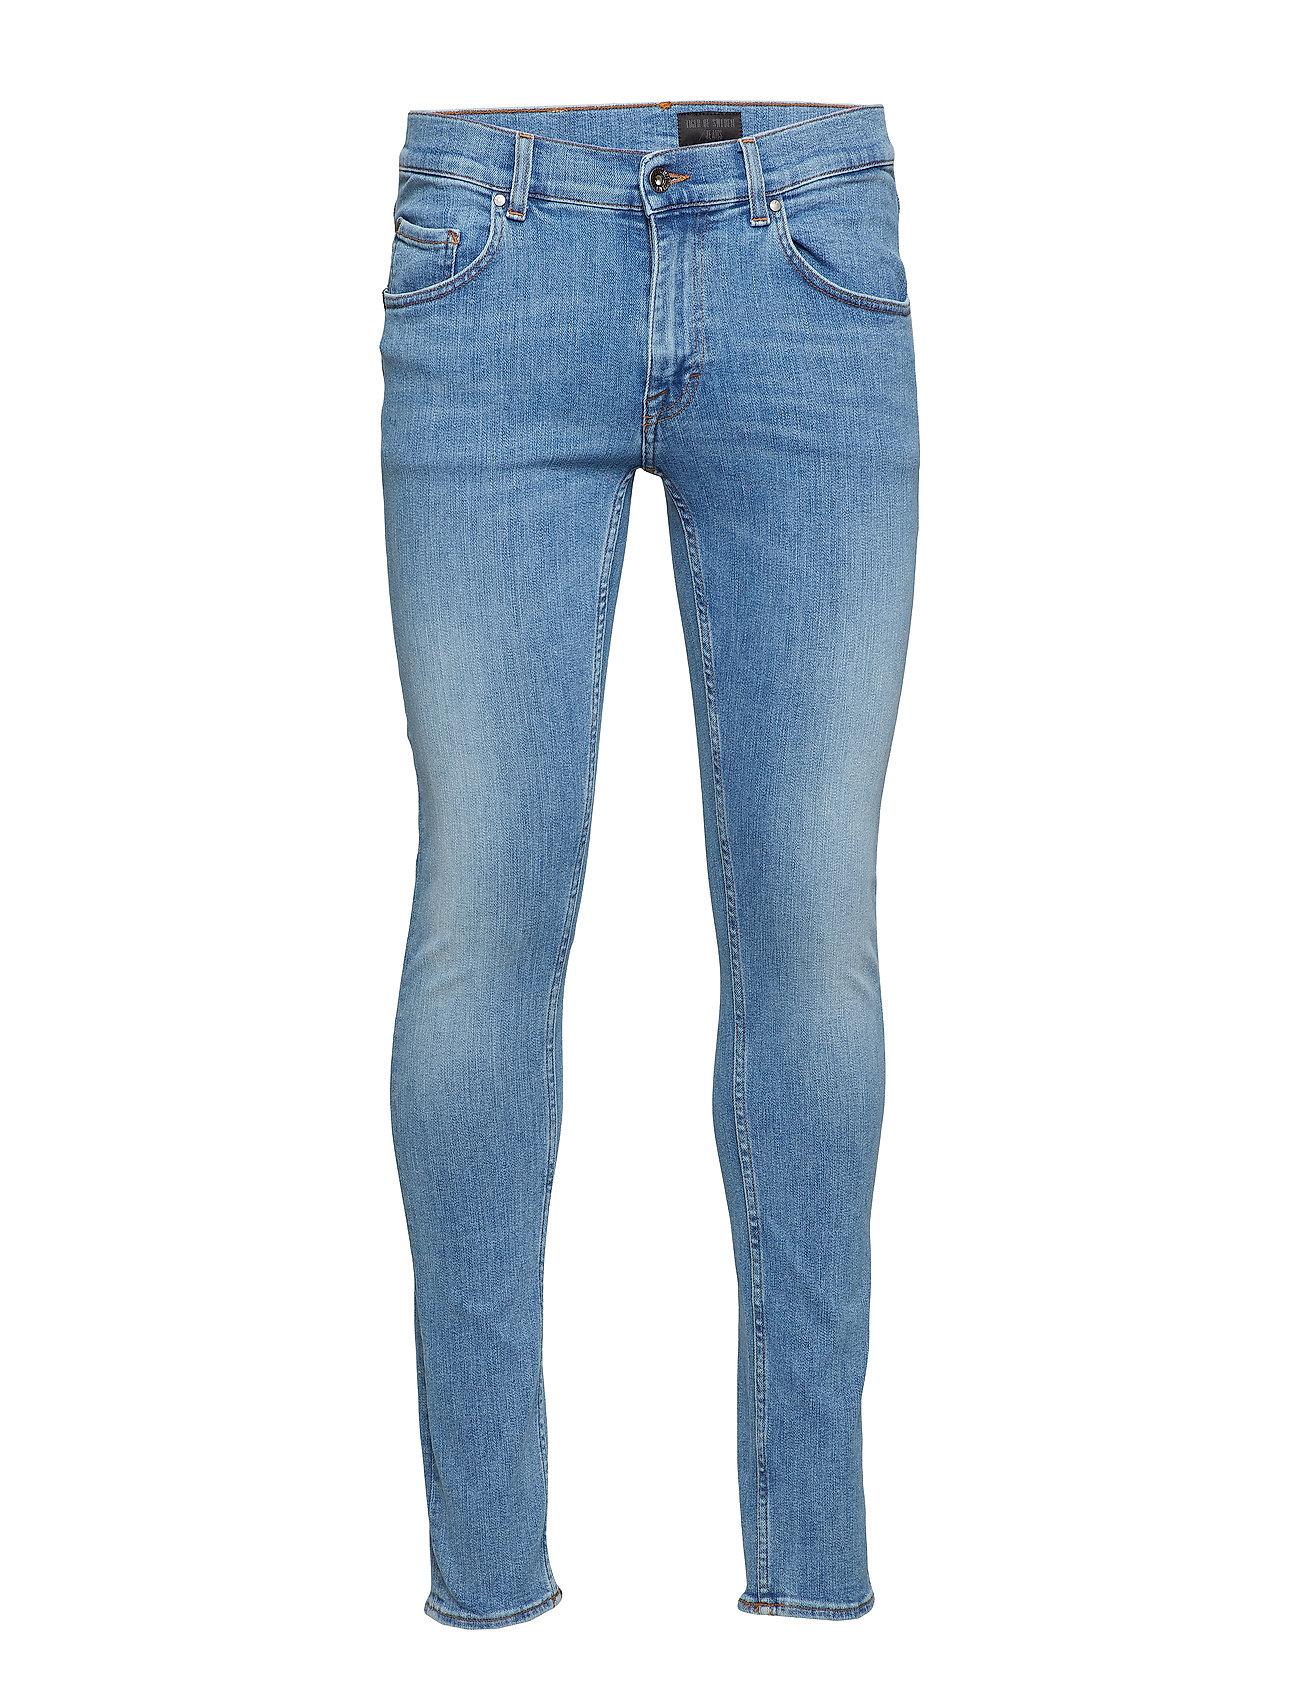 BlueTiger Slimlight Sweden Jeans Sweden Jeans Slimlight Of Of BlueTiger SVzGqMpU